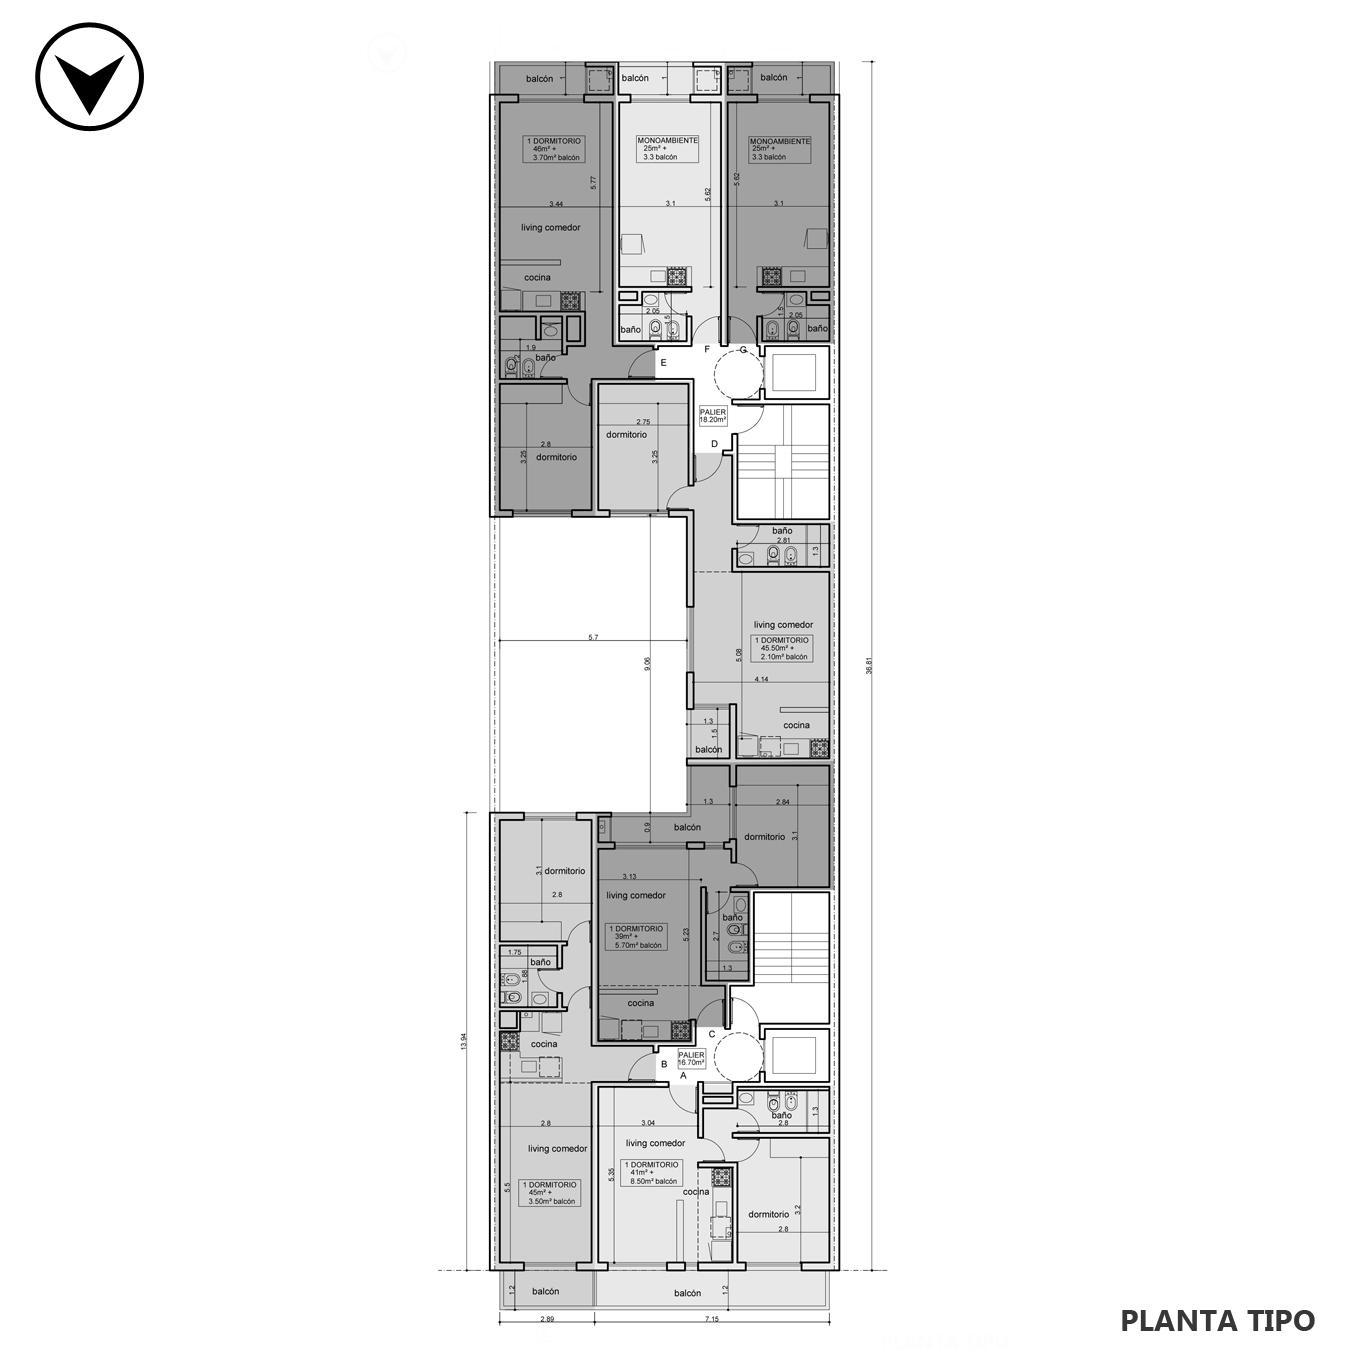 Venta departamento 1 dormitorio Rosario, Centro. Cod CBU24743 AP2302115. Crestale Propiedades